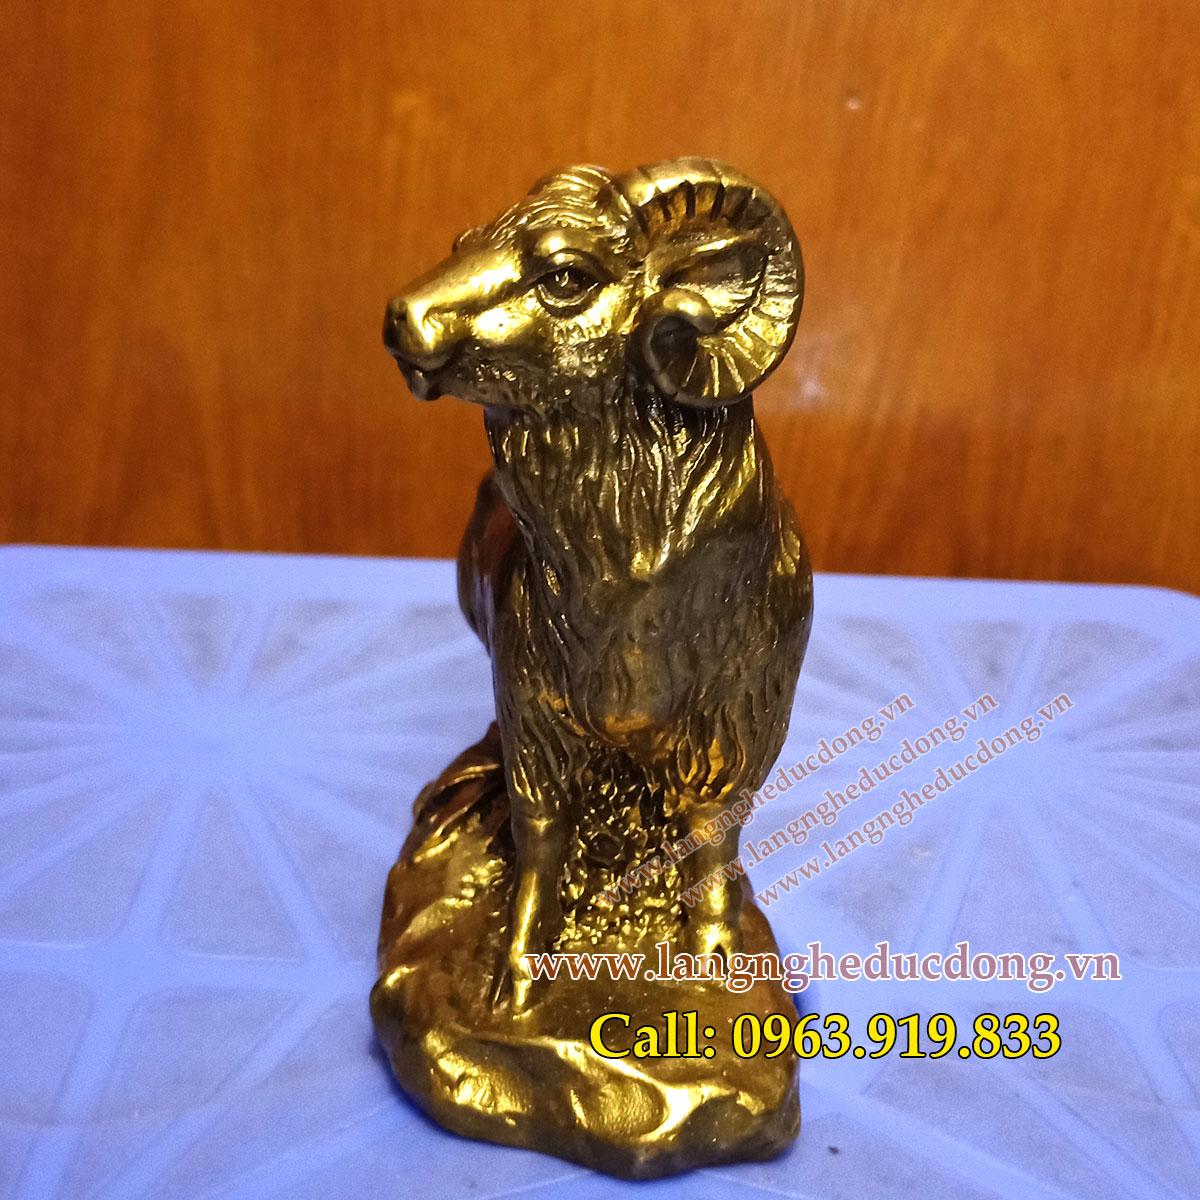 langngheducdong.vn - tượng phong thủy, tượng đồng phong thủy, vật phẩm phong thủy bằng đồng